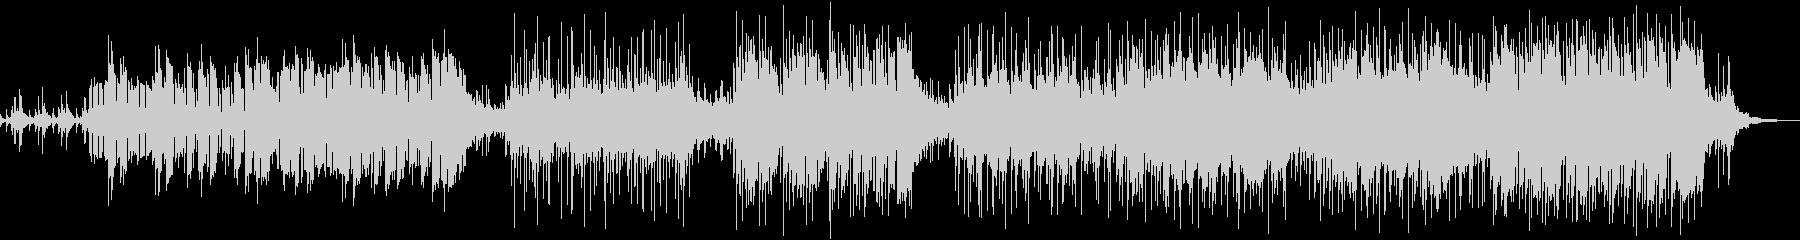 ルネッサンス民族音楽の未再生の波形